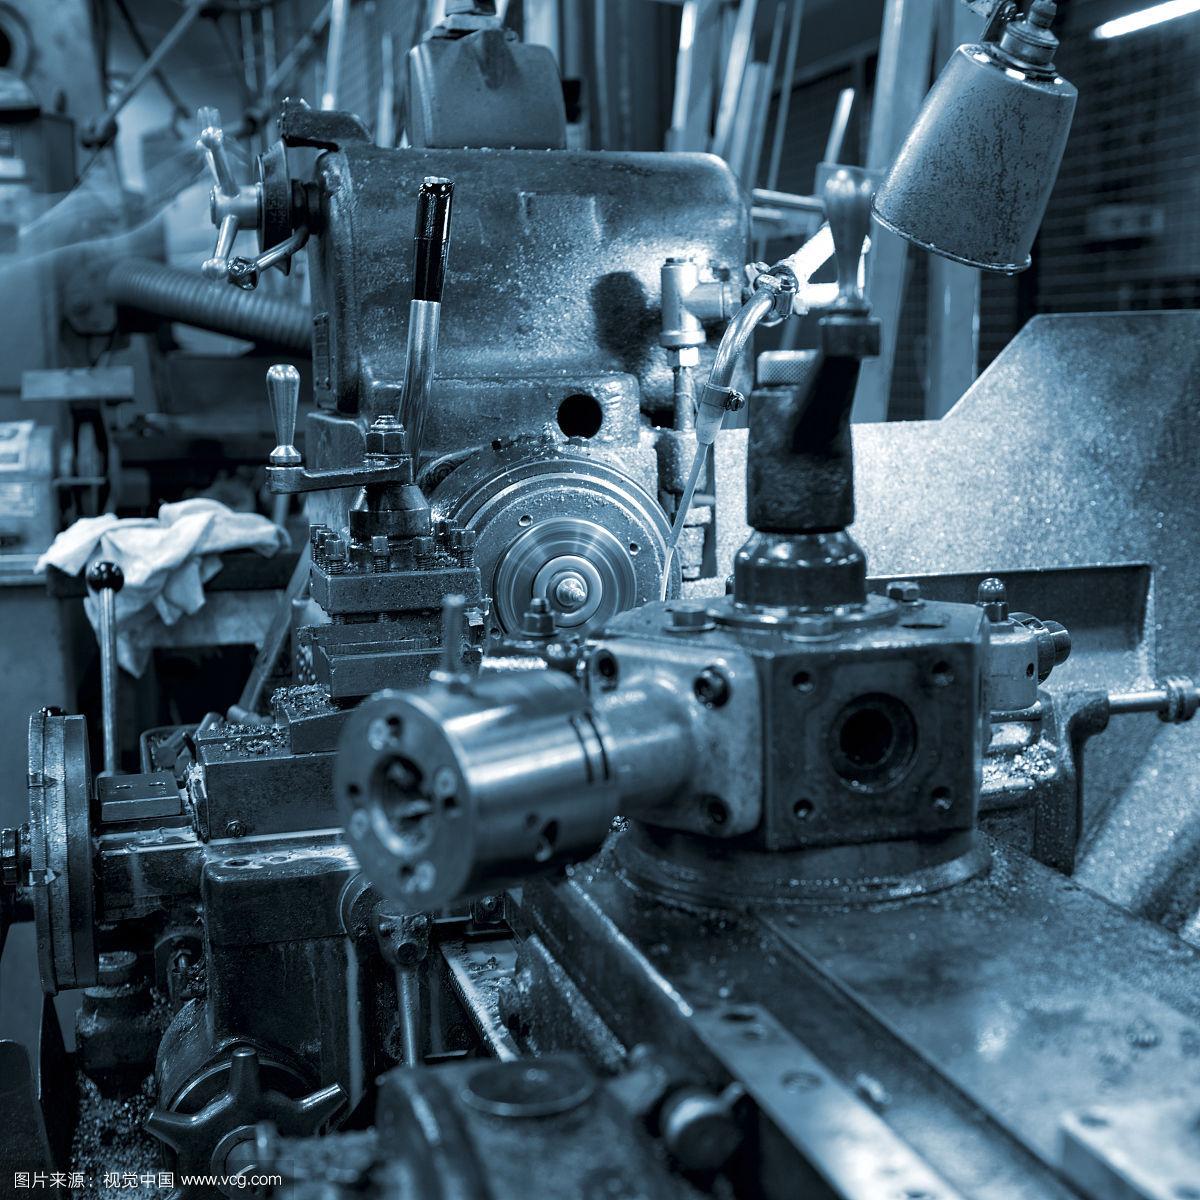 2017美国金属加工件及机械设备展览会|日本高性能塑料展